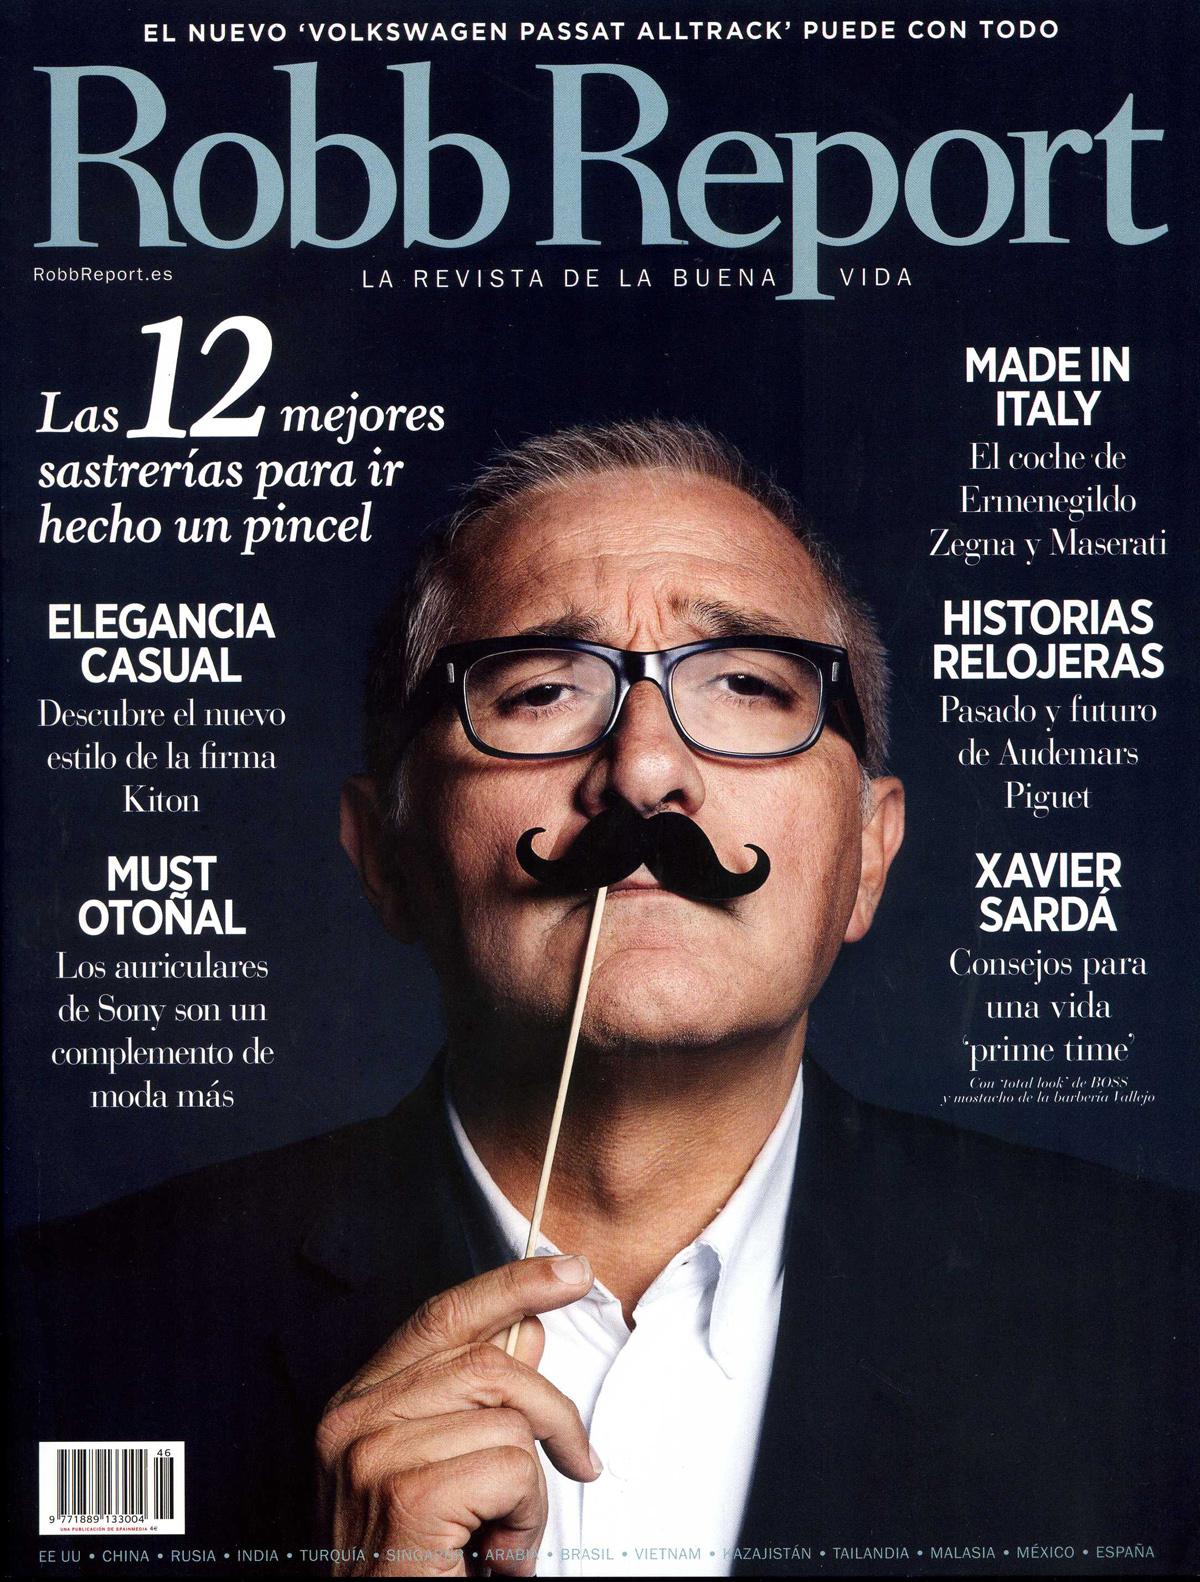 Portada Robb Report octubre 2015 - las 12 mejores sastrerías para ir como un pincel - Javier de Juana